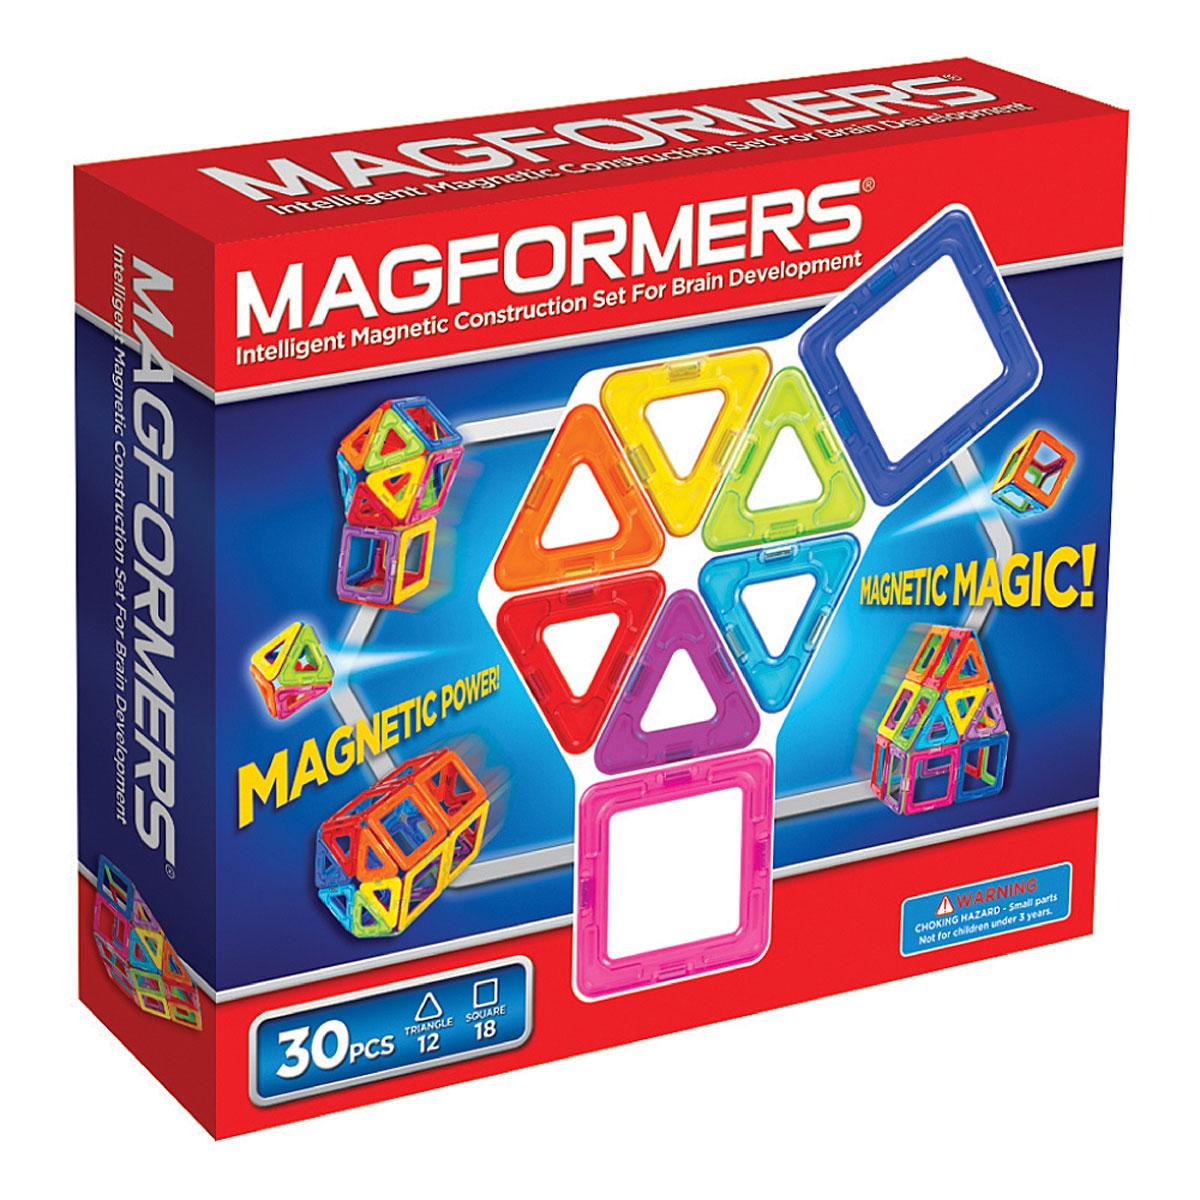 Magformers Магнитный конструктор Набор радуга63076С Magformers Rainbow 30 ребёнок в игровой форме изучает различные цвета, что очень важно для восприятия окружающего мира. А в этом наборе вы найдёте все цвета радуги, как вы уже поняли из названия. В комплект входит 30 деталей - это квадраты и треугольники. Количество элементов позволяет собирать довольно сложные постройки - домики, небольшие замки, волшебный шар, очень любимый всеми детьми и ещё много всего. Мальчишки могут создать ракету или гараж, девчонкам будет интересно попробовать себя в качестве творца, например, кроватки для своей любимой куклы или необычной дизайнерской сумочки. Каждый может почувствовать себя модельером и придумать необычный головной убор, будь то смешная шапка, шлем или пионерская пилотка. Набор идеально для этого подойдет - все детали разноцветные и их количества абсолютно точно хватит для того, чтобы проявить фантазию. Набор в красочной упаковке. Это прекрасный подарок ребенку!